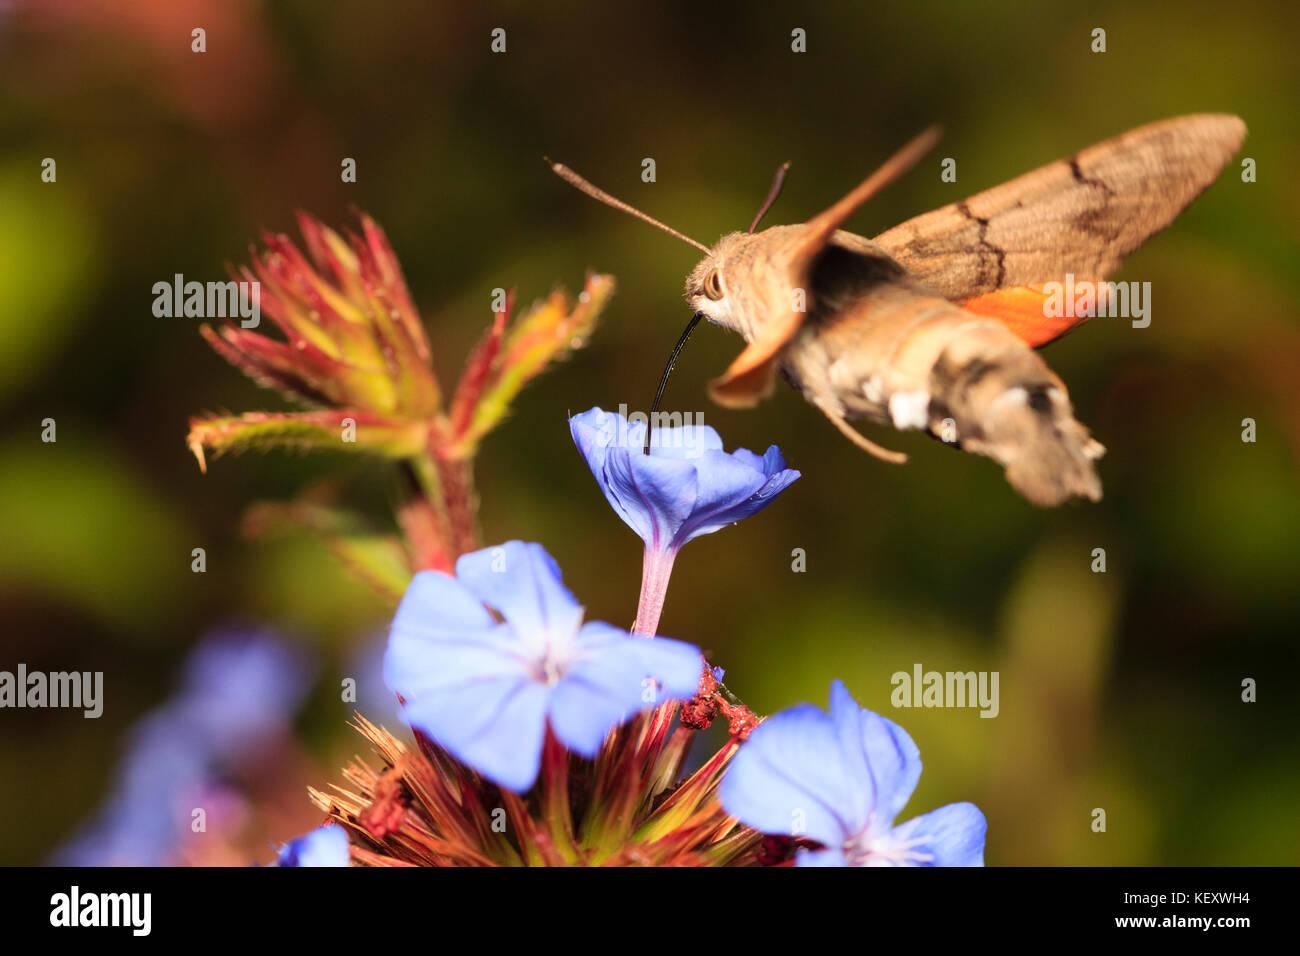 El colibrí Hawk-moth, Macroglossum stellatarum, en vuelo se alimentan de la flor de Ceratostigma willmottianum Foto de stock